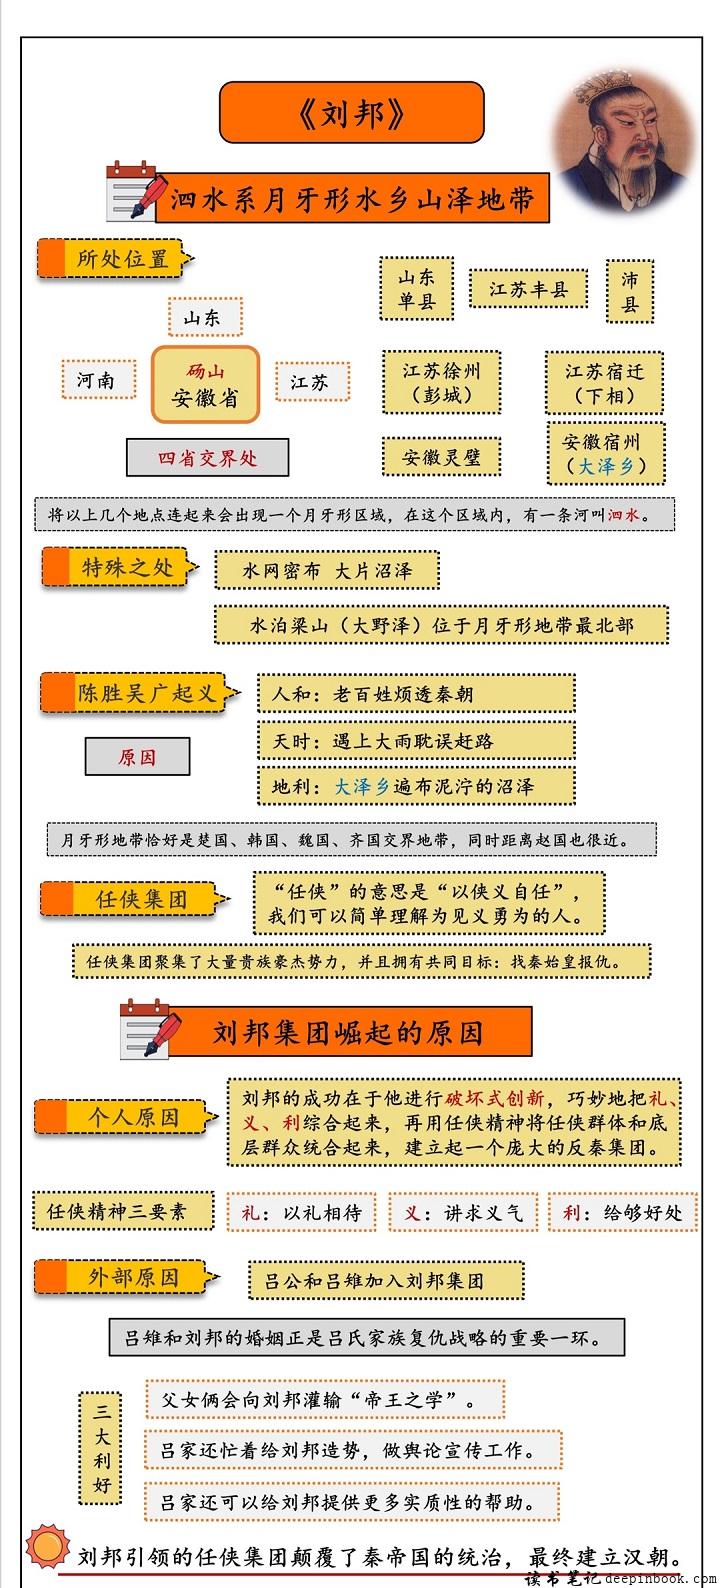 刘邦思维导图